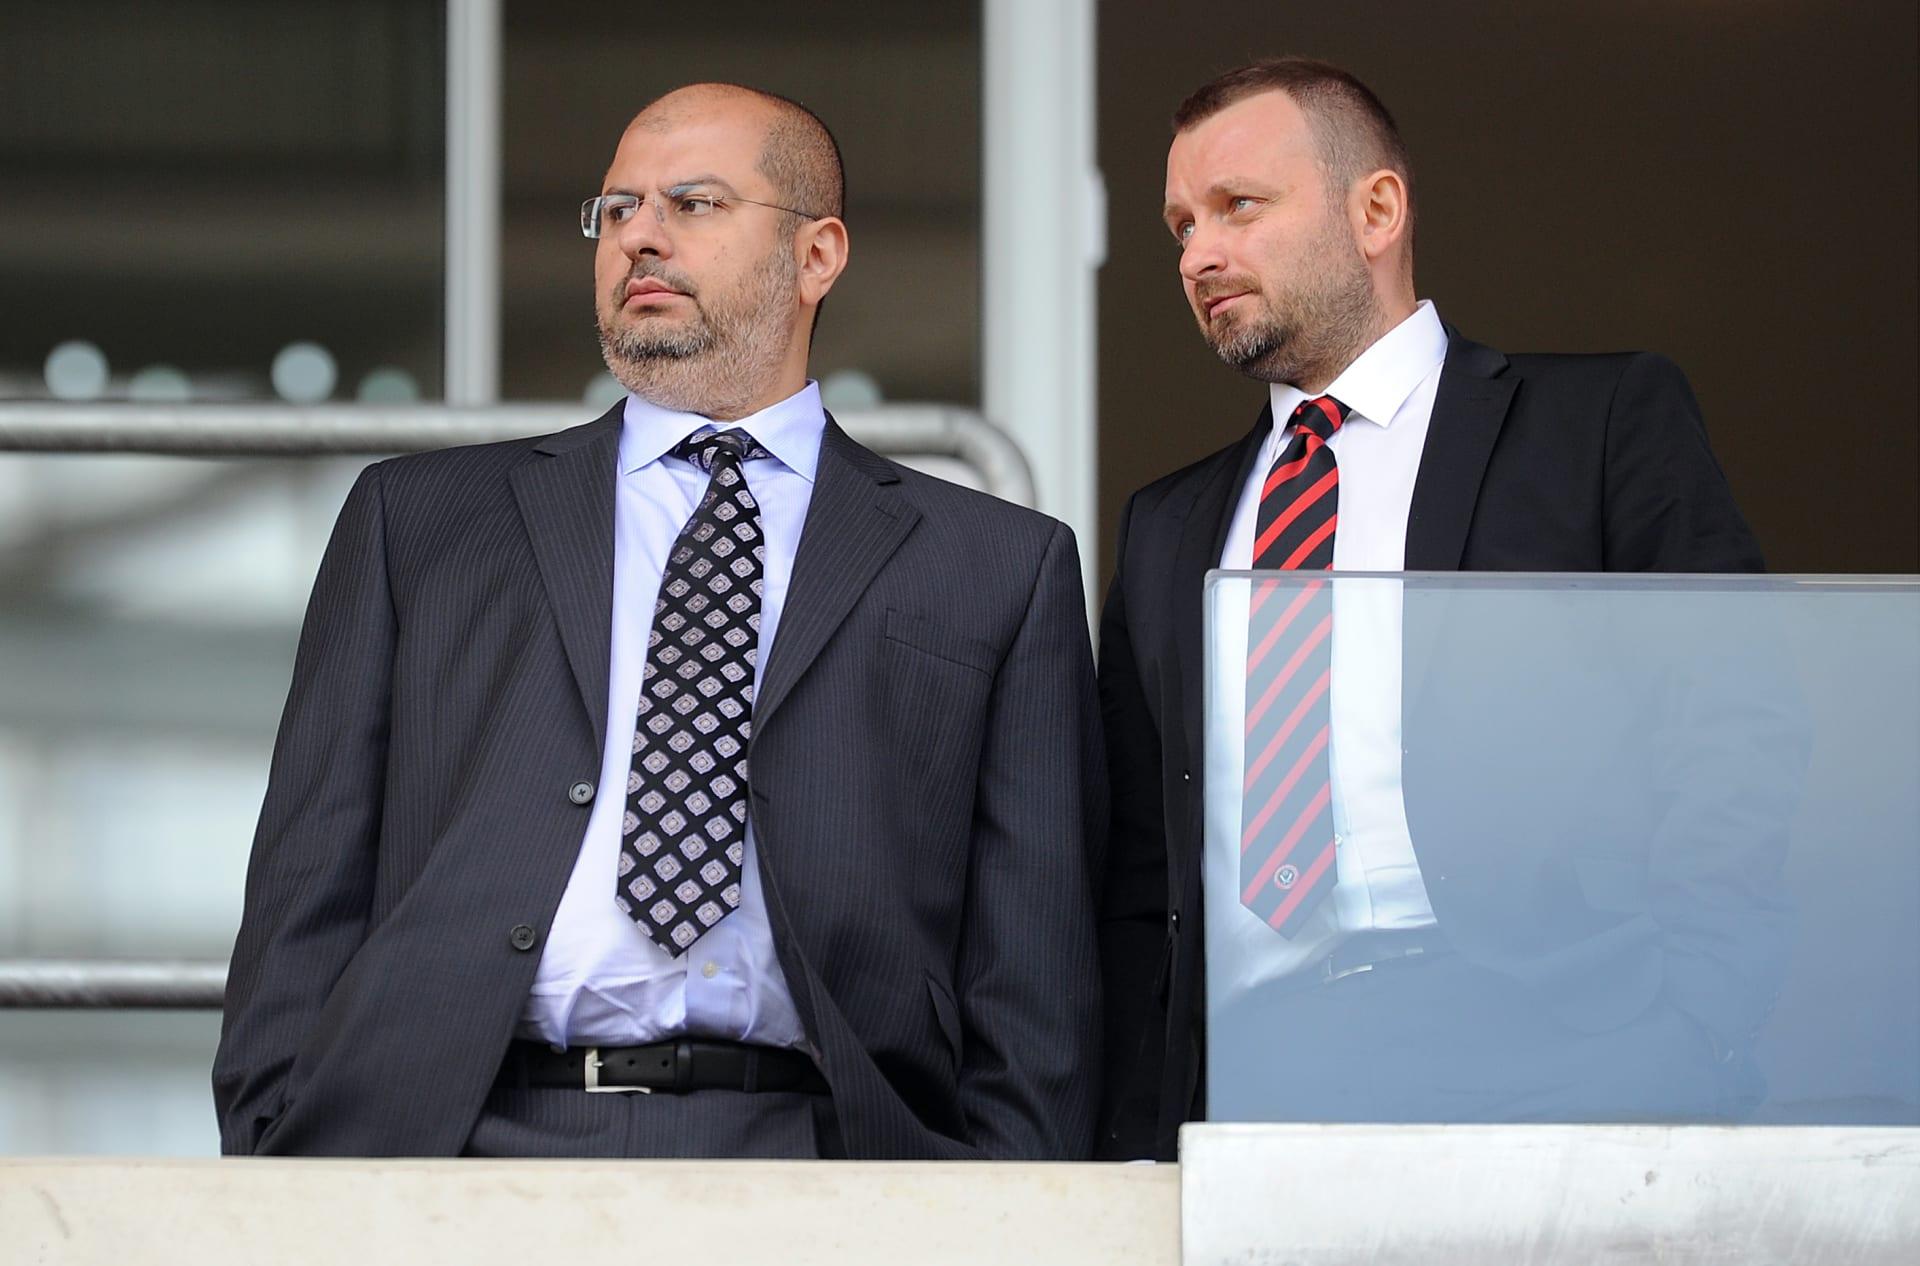 السفير الفرنسي في السعودية يعلق على استثمار بن مساعد في الرياضة ببلاده